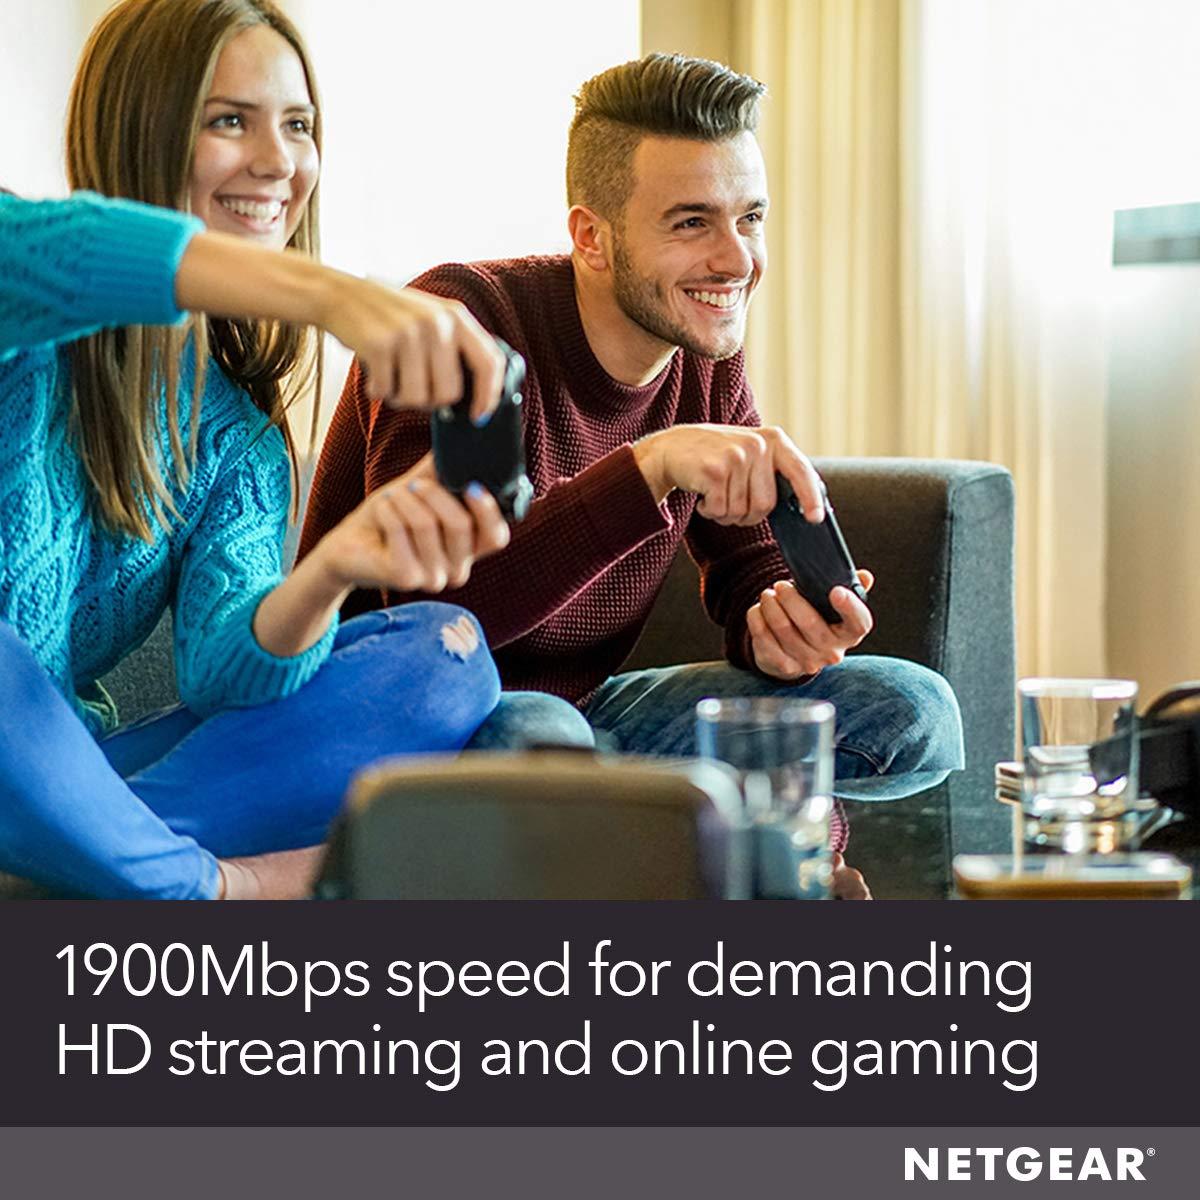 Netgear Wifi Mesh Range Extender Ex6400 - Coverage nach oben zu 1800 Sq.Ft. und 30 Devices mit Ac1900 Dual Band Wireless Signal Booster & Repeater (nach oben zu 1900Mbps Speed), Plus Mesh Smart Roaming